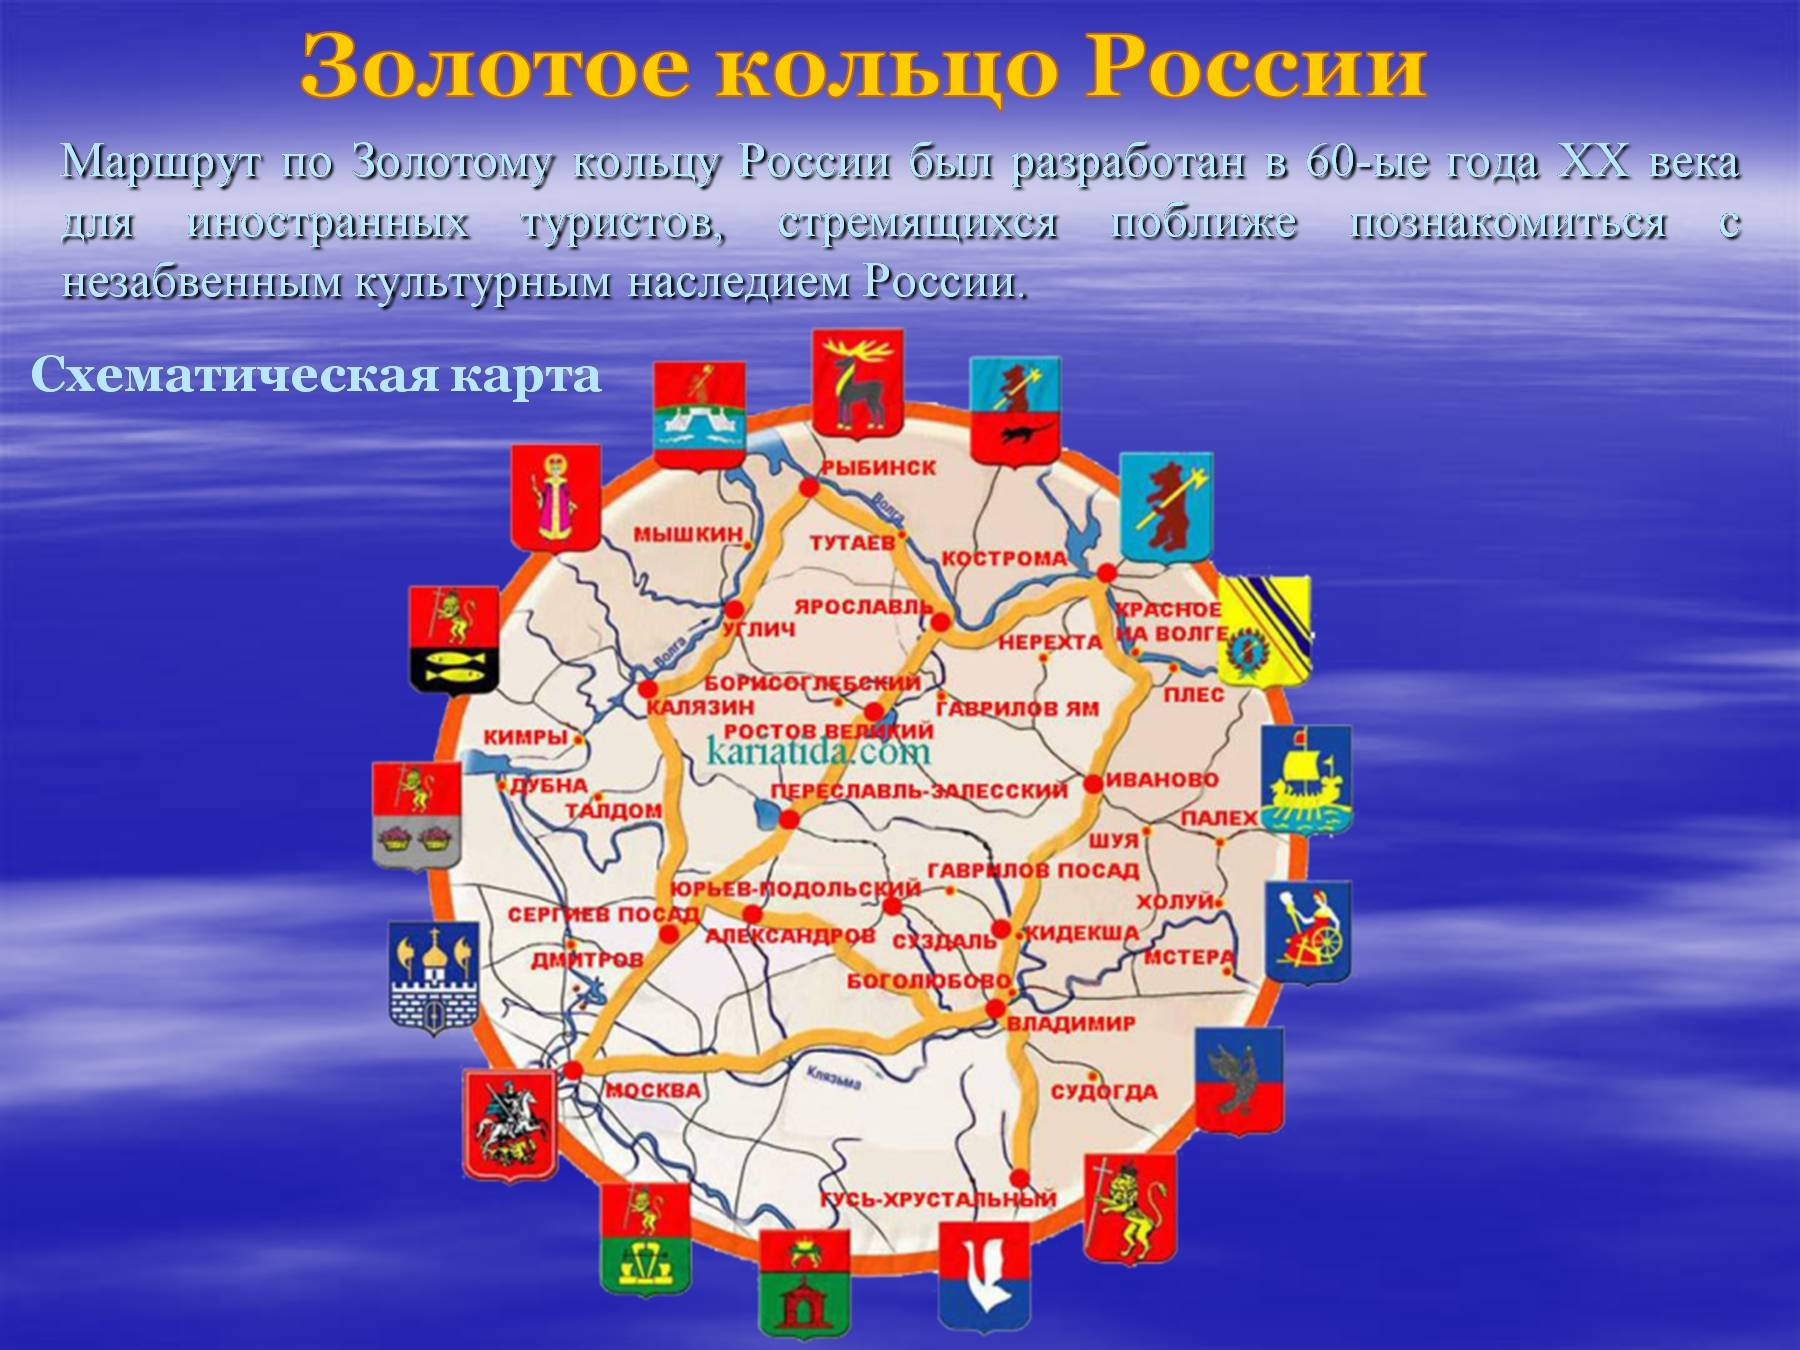 Золотое кольцо россии — города, фото достопримечательностей